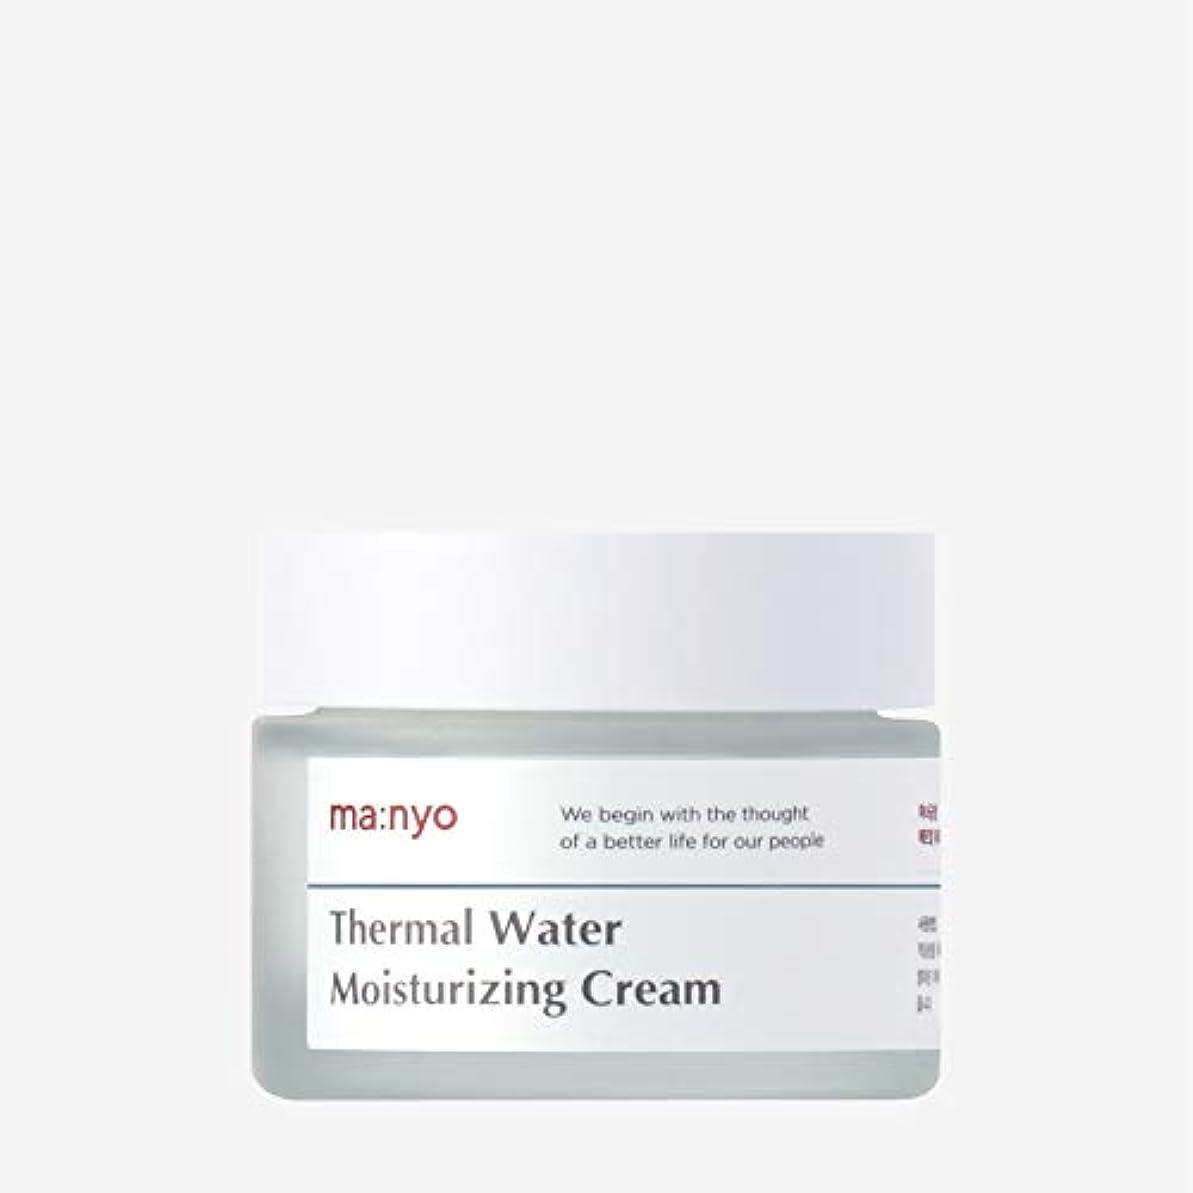 酸っぱい株式クレジット魔女工場(Manyo Factory) 温泉水ミネラルクリーム 50ml / 天然ミネラル、チェコ温泉水67%で保湿補充